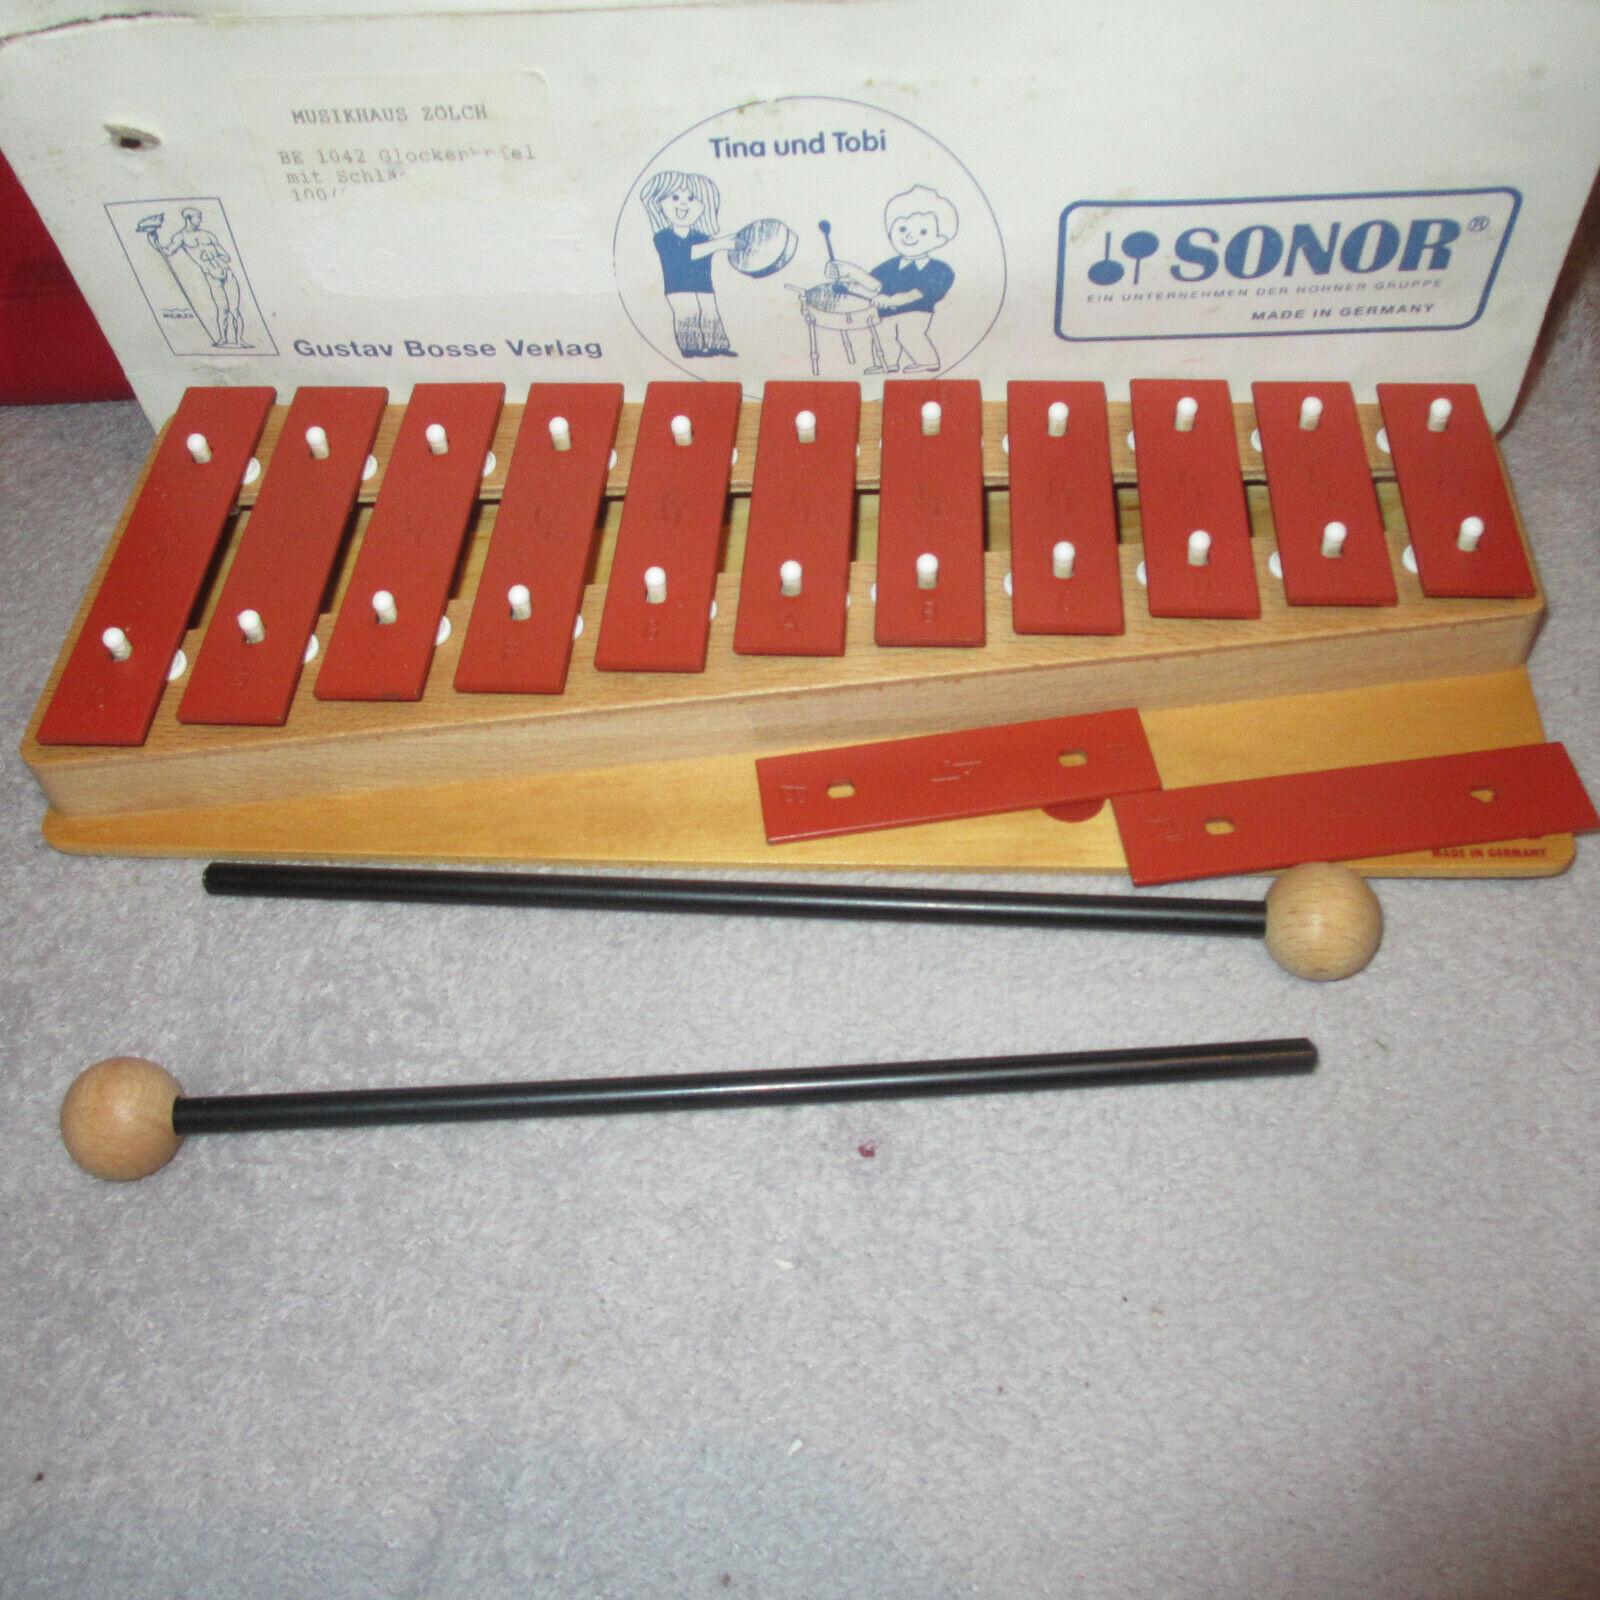 Sonor Xylophon Glockenspiel BE 1042 Germany 2 extra Klangplatten 2 Schlägel